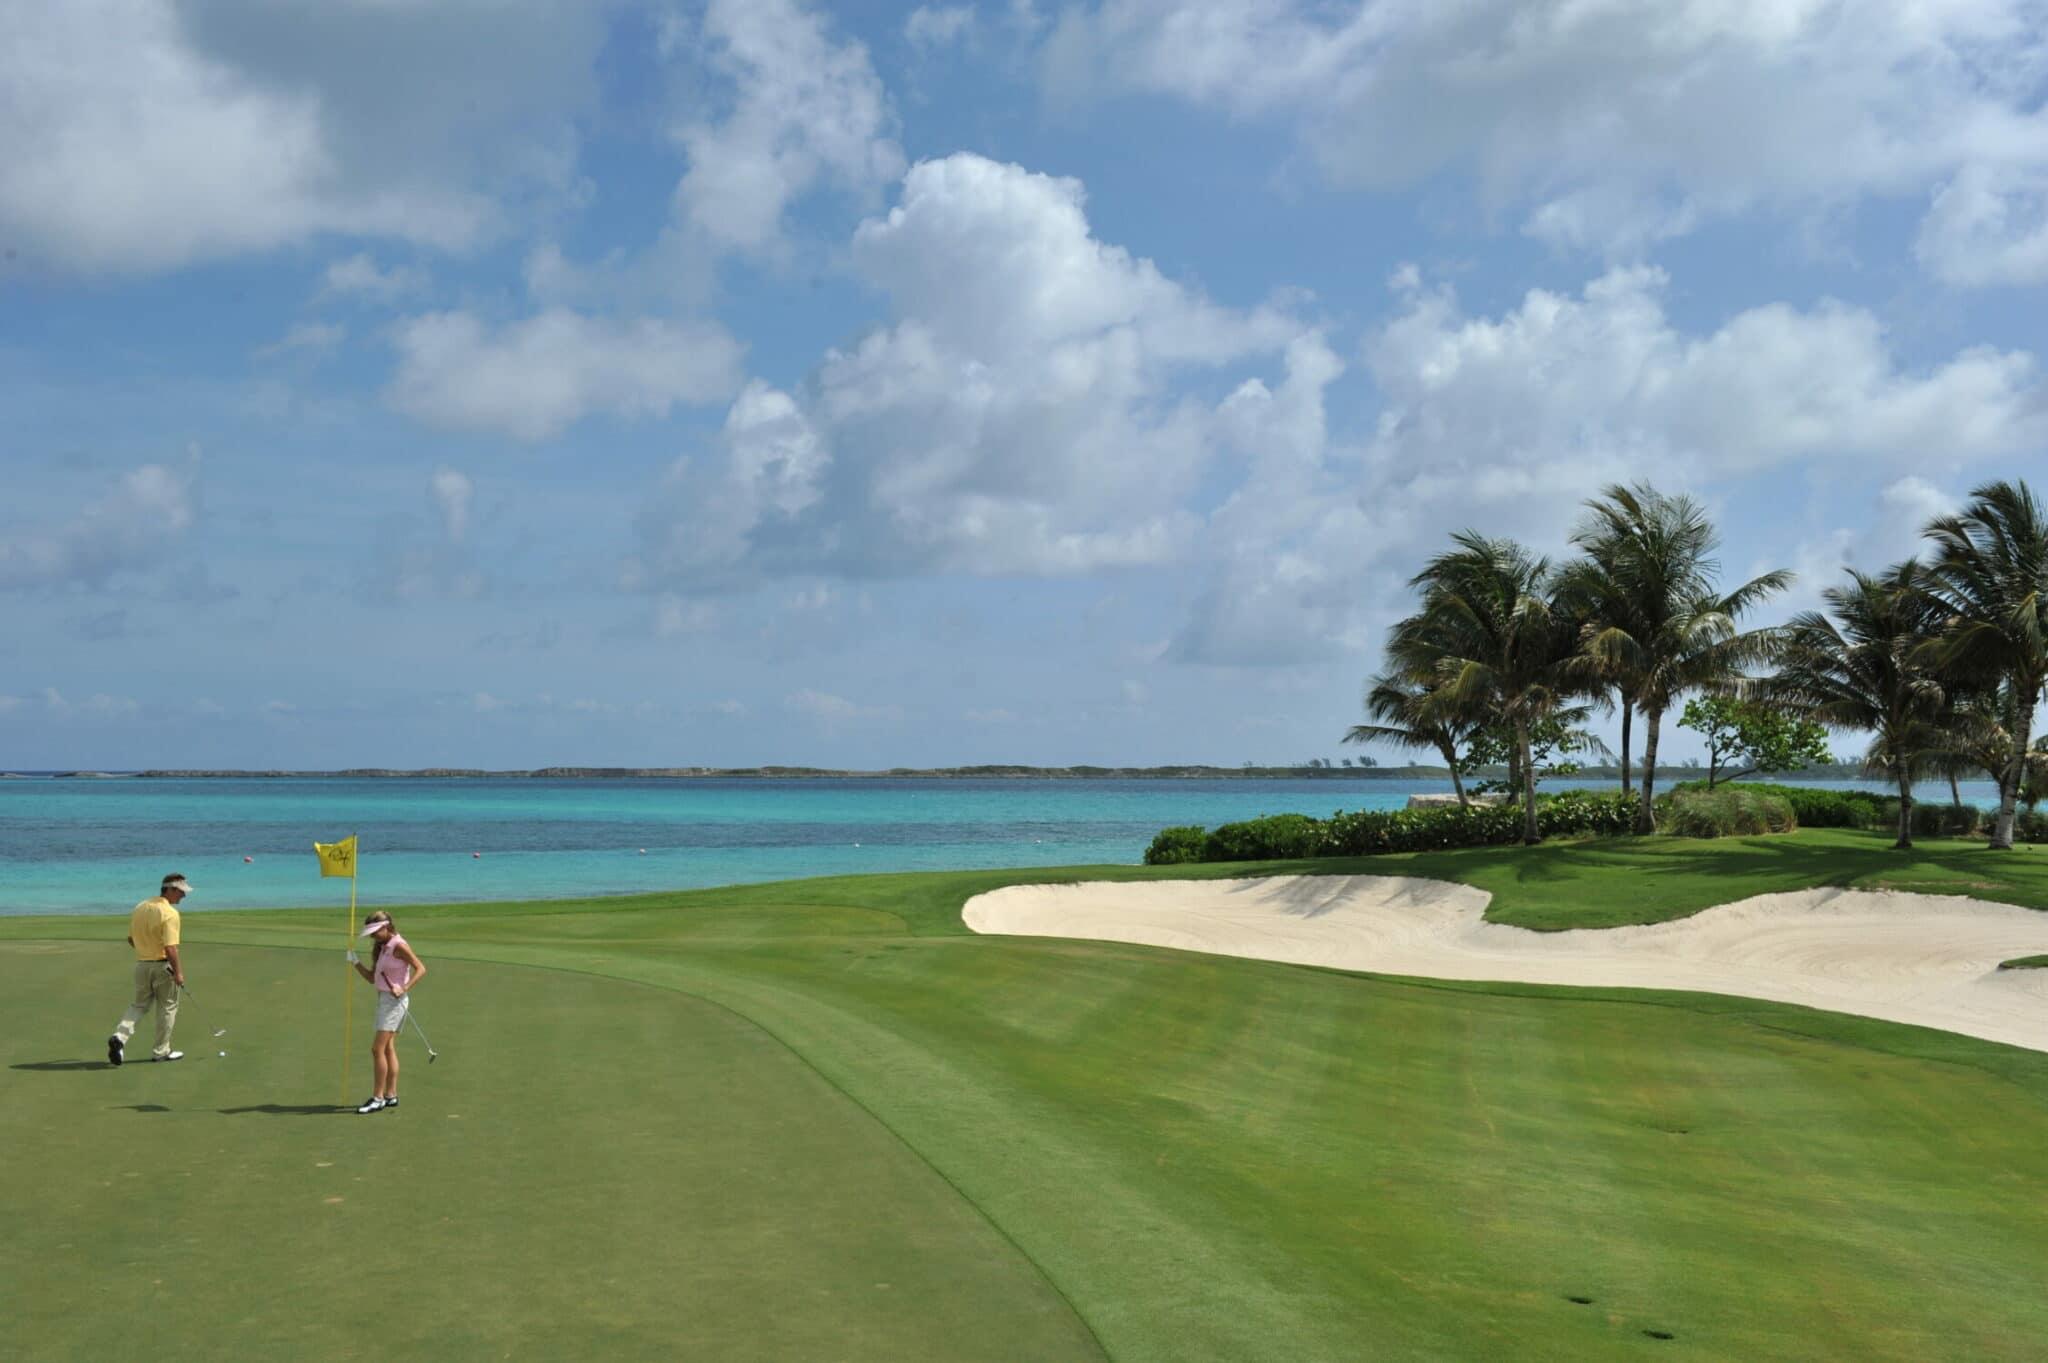 Crystal Serenity to sail Bahamas summer 2021